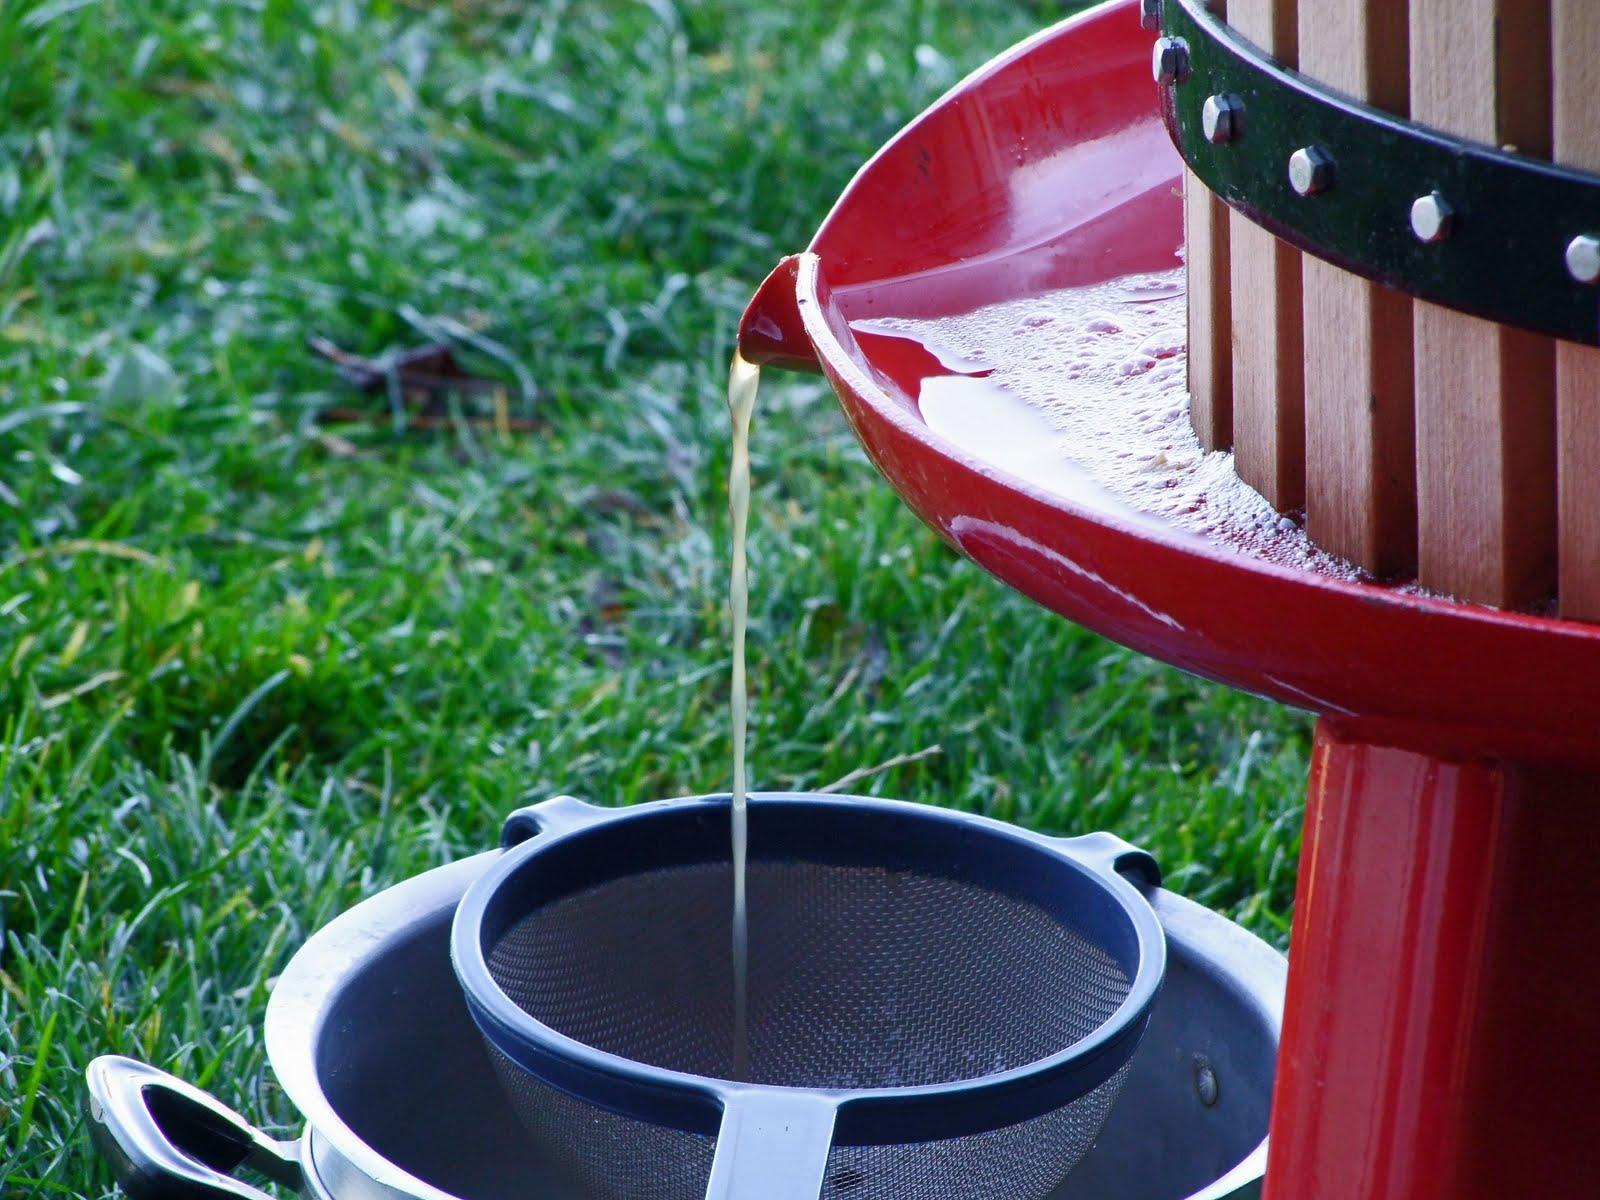 Pompe aux pommes et jus de pomme maison - Jus de pomme maison sans centrifugeuse ...